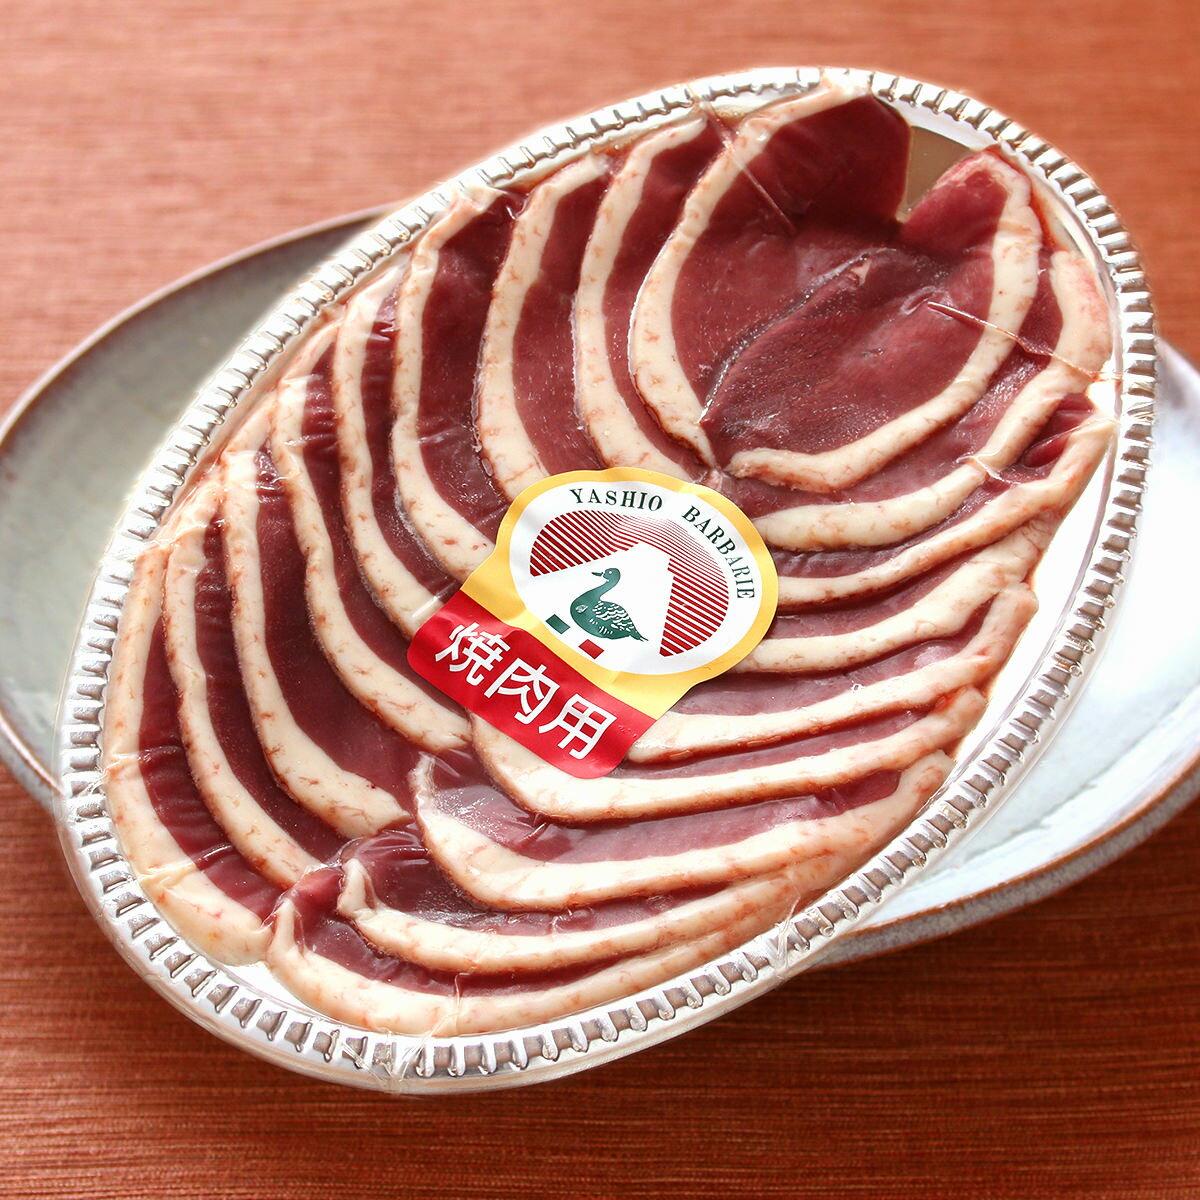 送料無料 肉 お取り寄せ鴨肉 焼き肉用 600g TVで紹介 東由利フランス鴨生産組合 秋田県